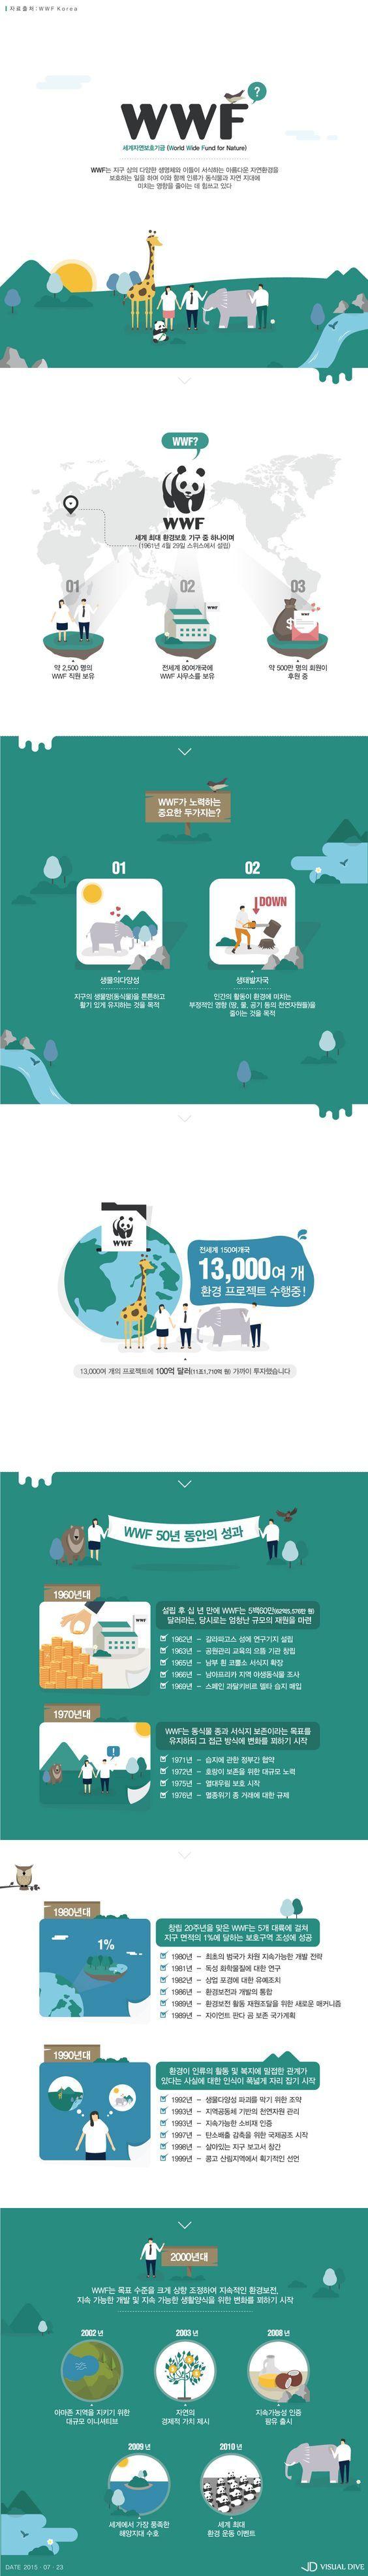 '1600 판다'의 세계 여행 본부, WWF가 궁금하다 [인포그래픽] #WWF / #Infographic ⓒ 비주얼다이브 무단 복사·전재·재 배포 금지: